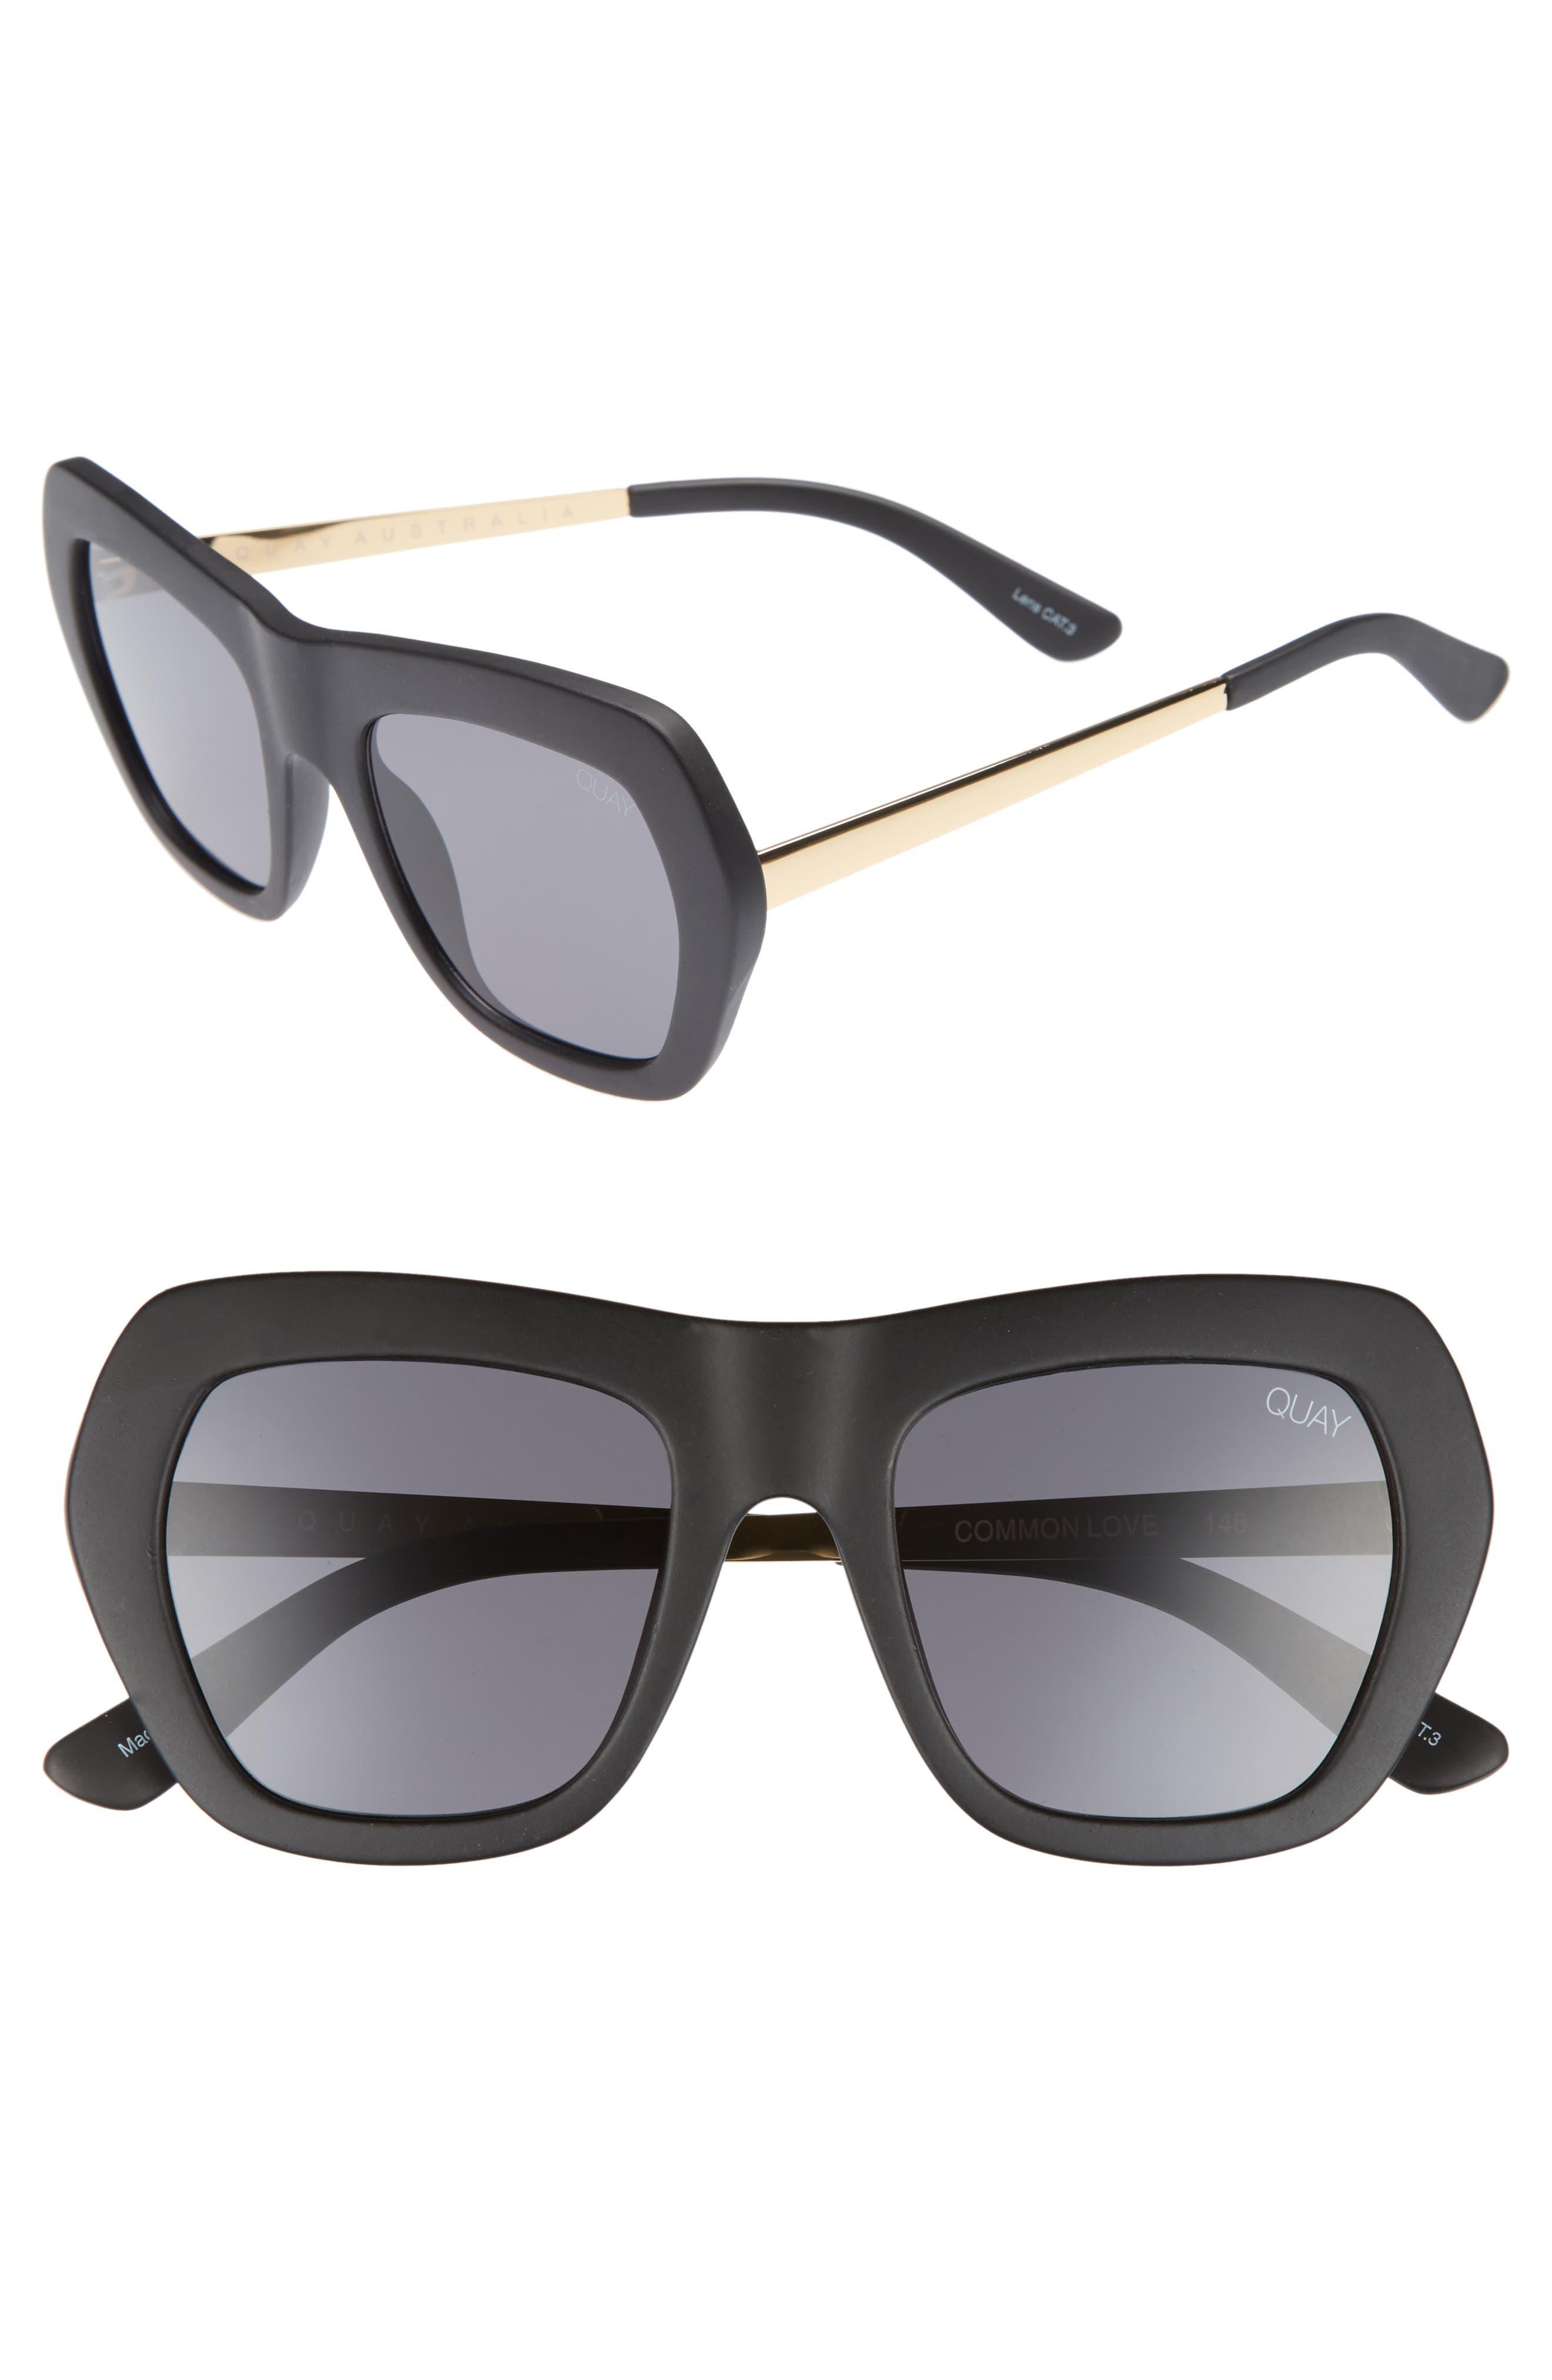 Common Love 53mm Square Sunglasses,                         Main,                         color,